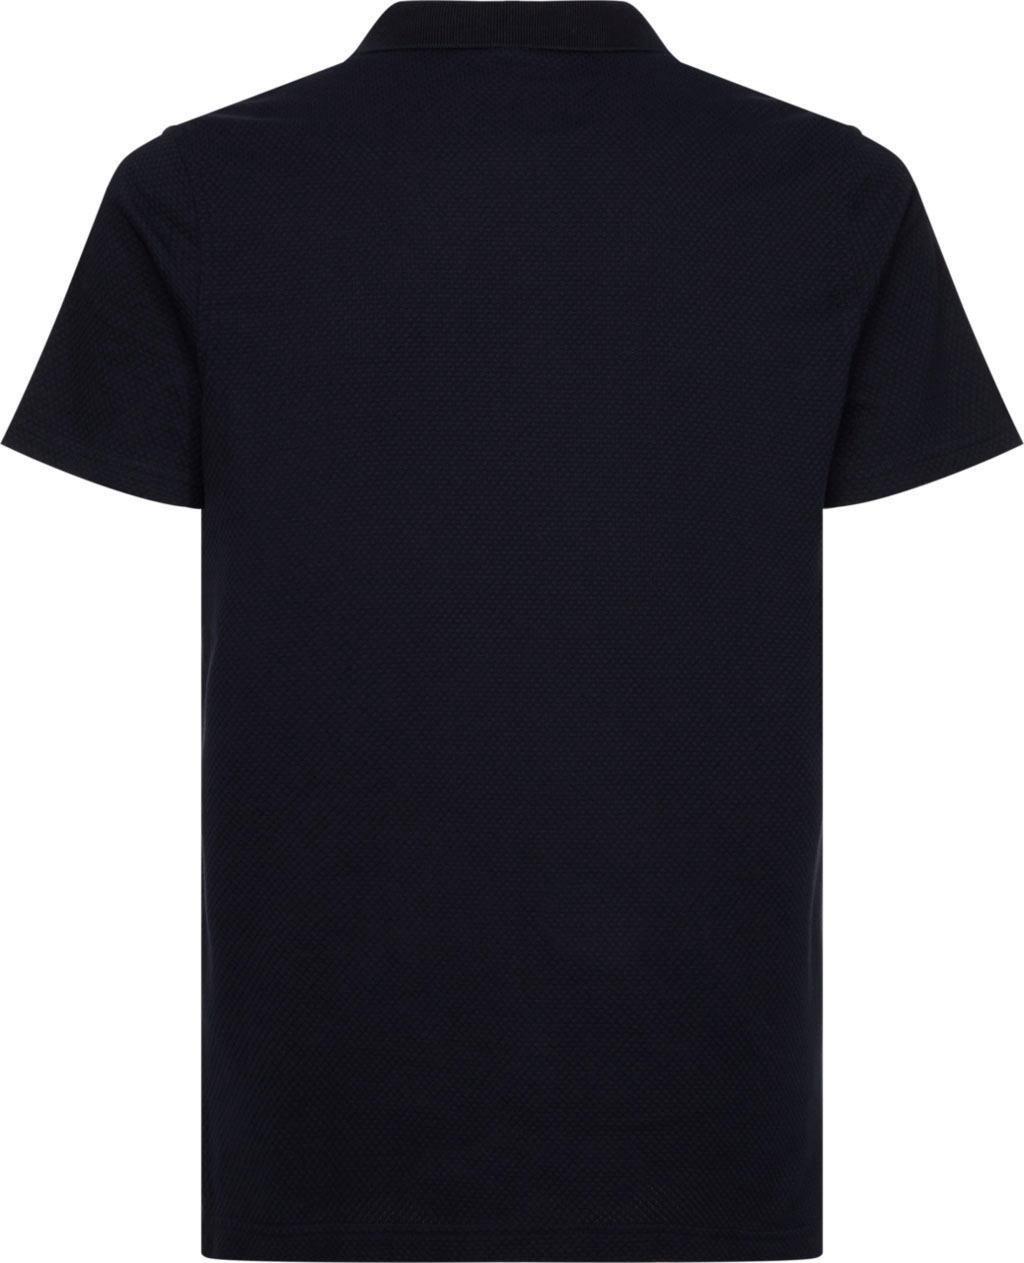 Tommy Hilfiger Tailored poloshirt - gratis ruilen op otto.nl